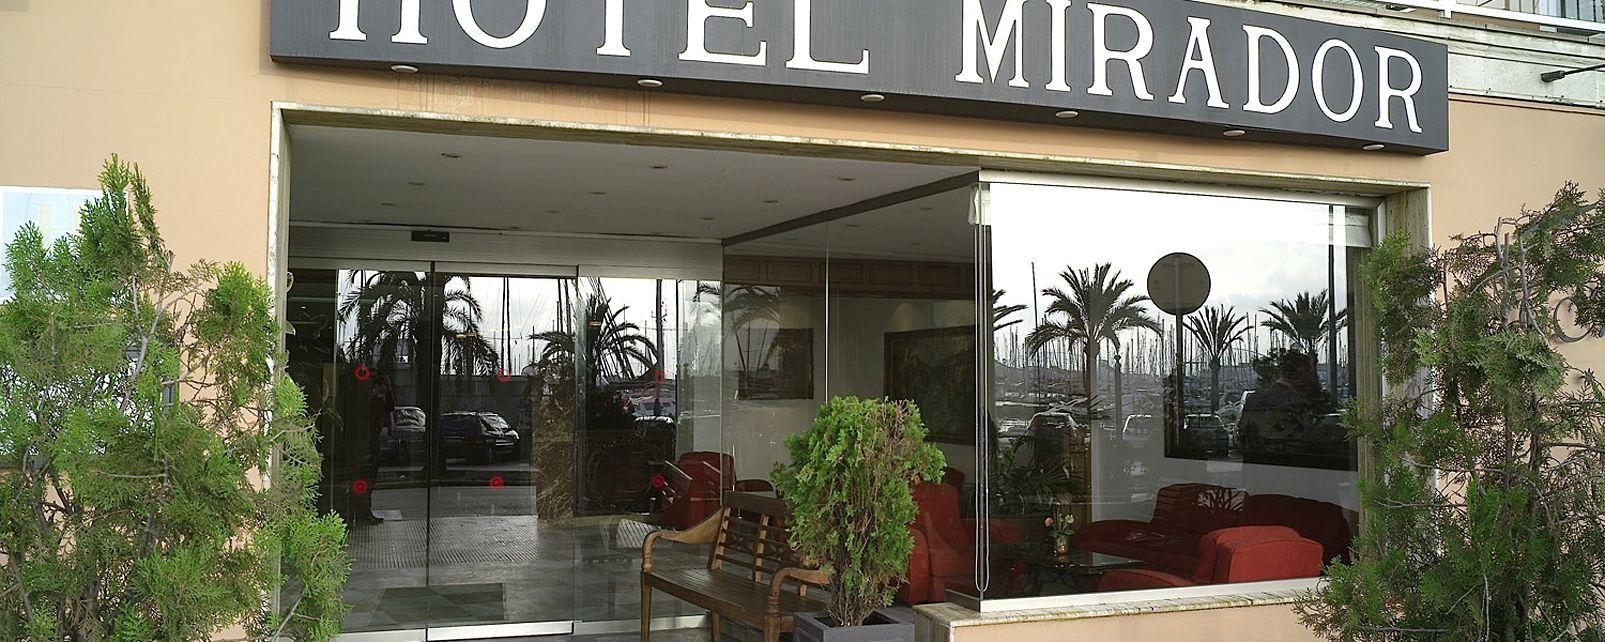 Hôtel Mirador